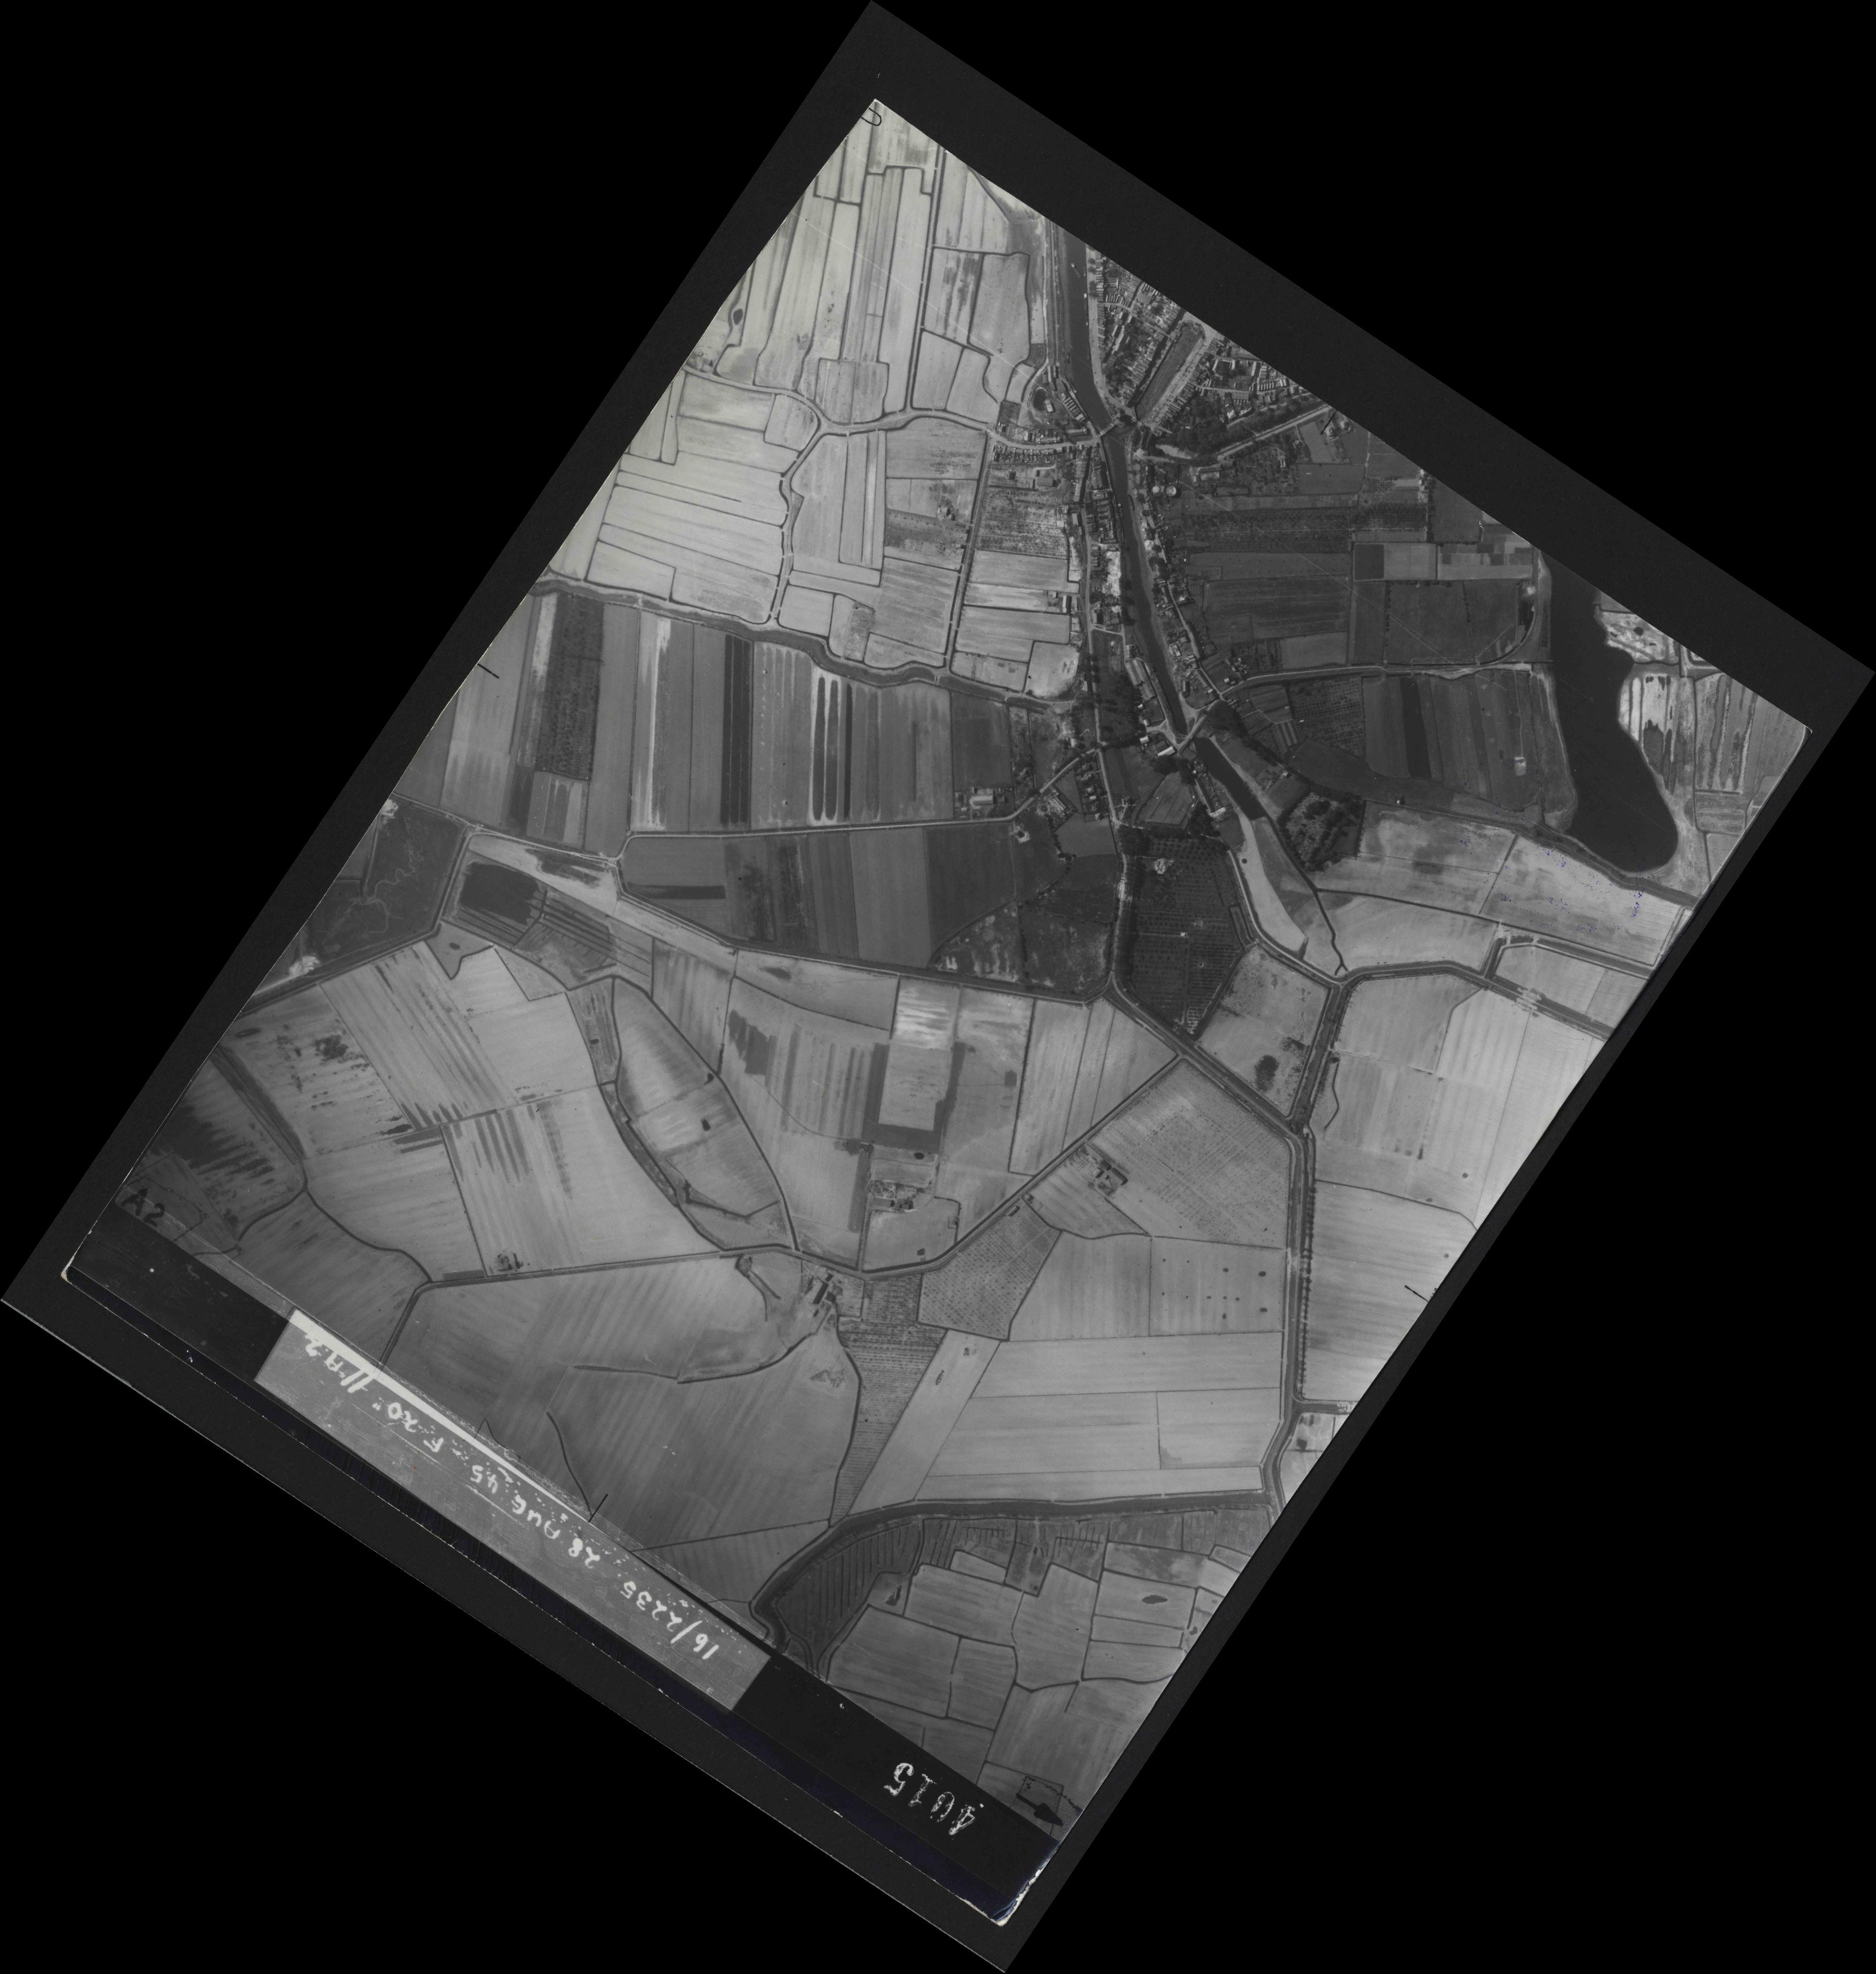 Collection RAF aerial photos 1940-1945 - flight 033, run 07, photo 4015